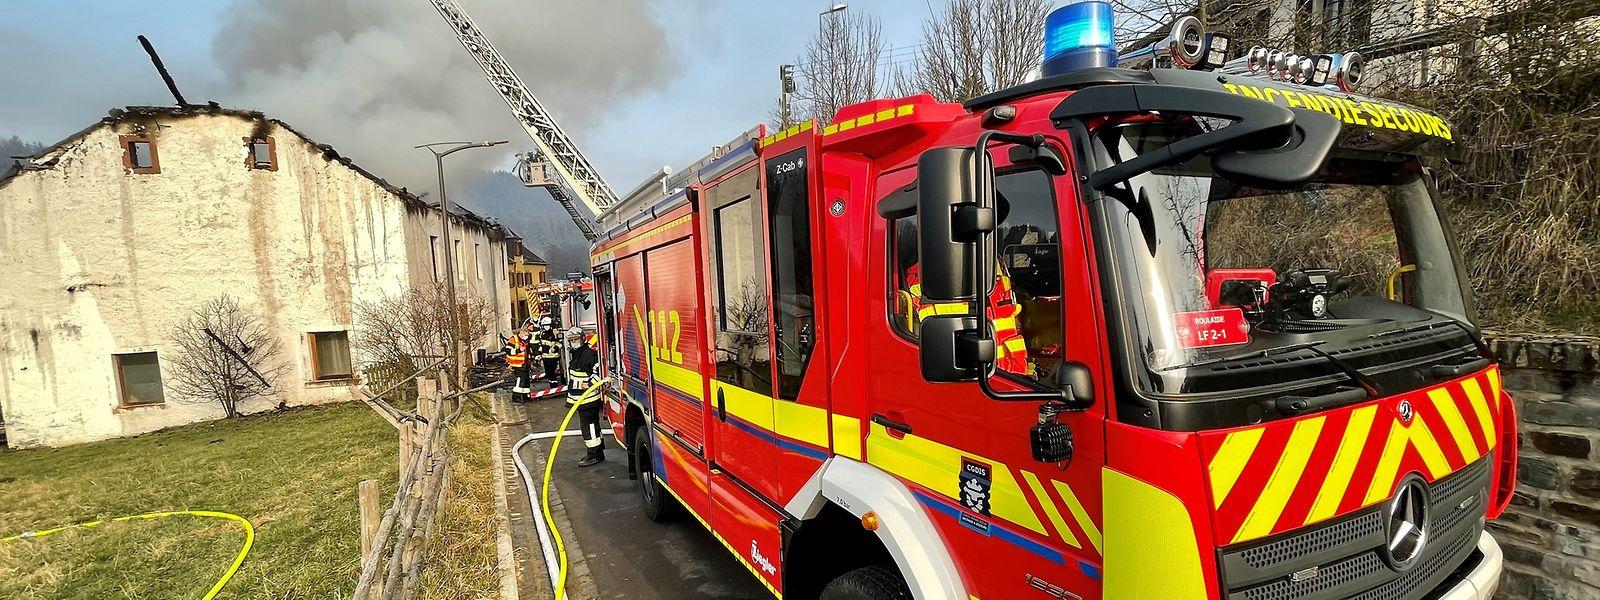 Wettlauf mit der Zeit: Spätestens nach 15 Minuten sollen die Einsatzkräfte vor Ort sein; bei Bränden klappt dies heute in zwei Drittel der Fälle.